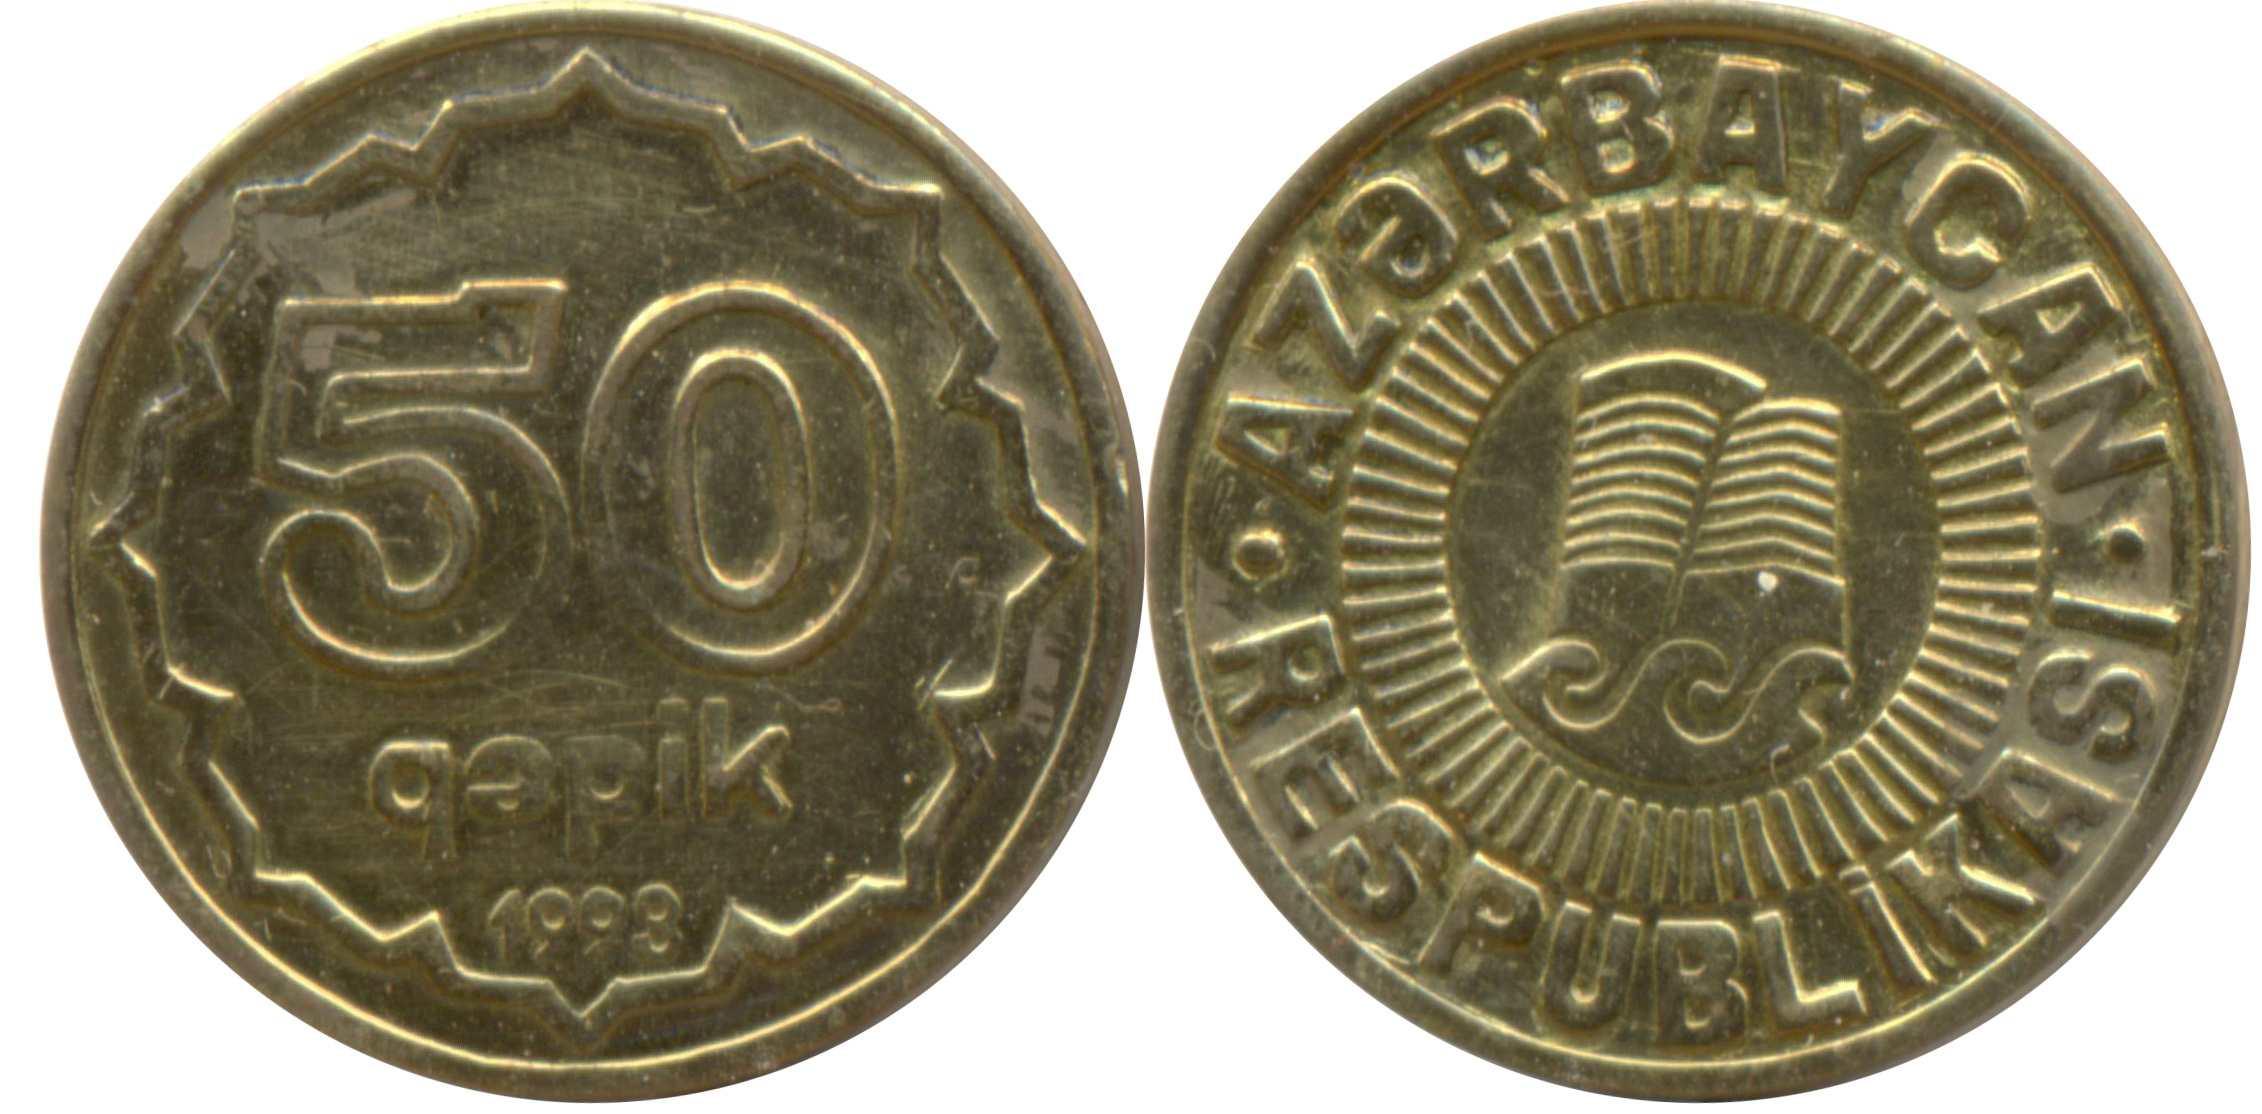 Купю юбилейную монету физули 1996 года жетон арктикуголь